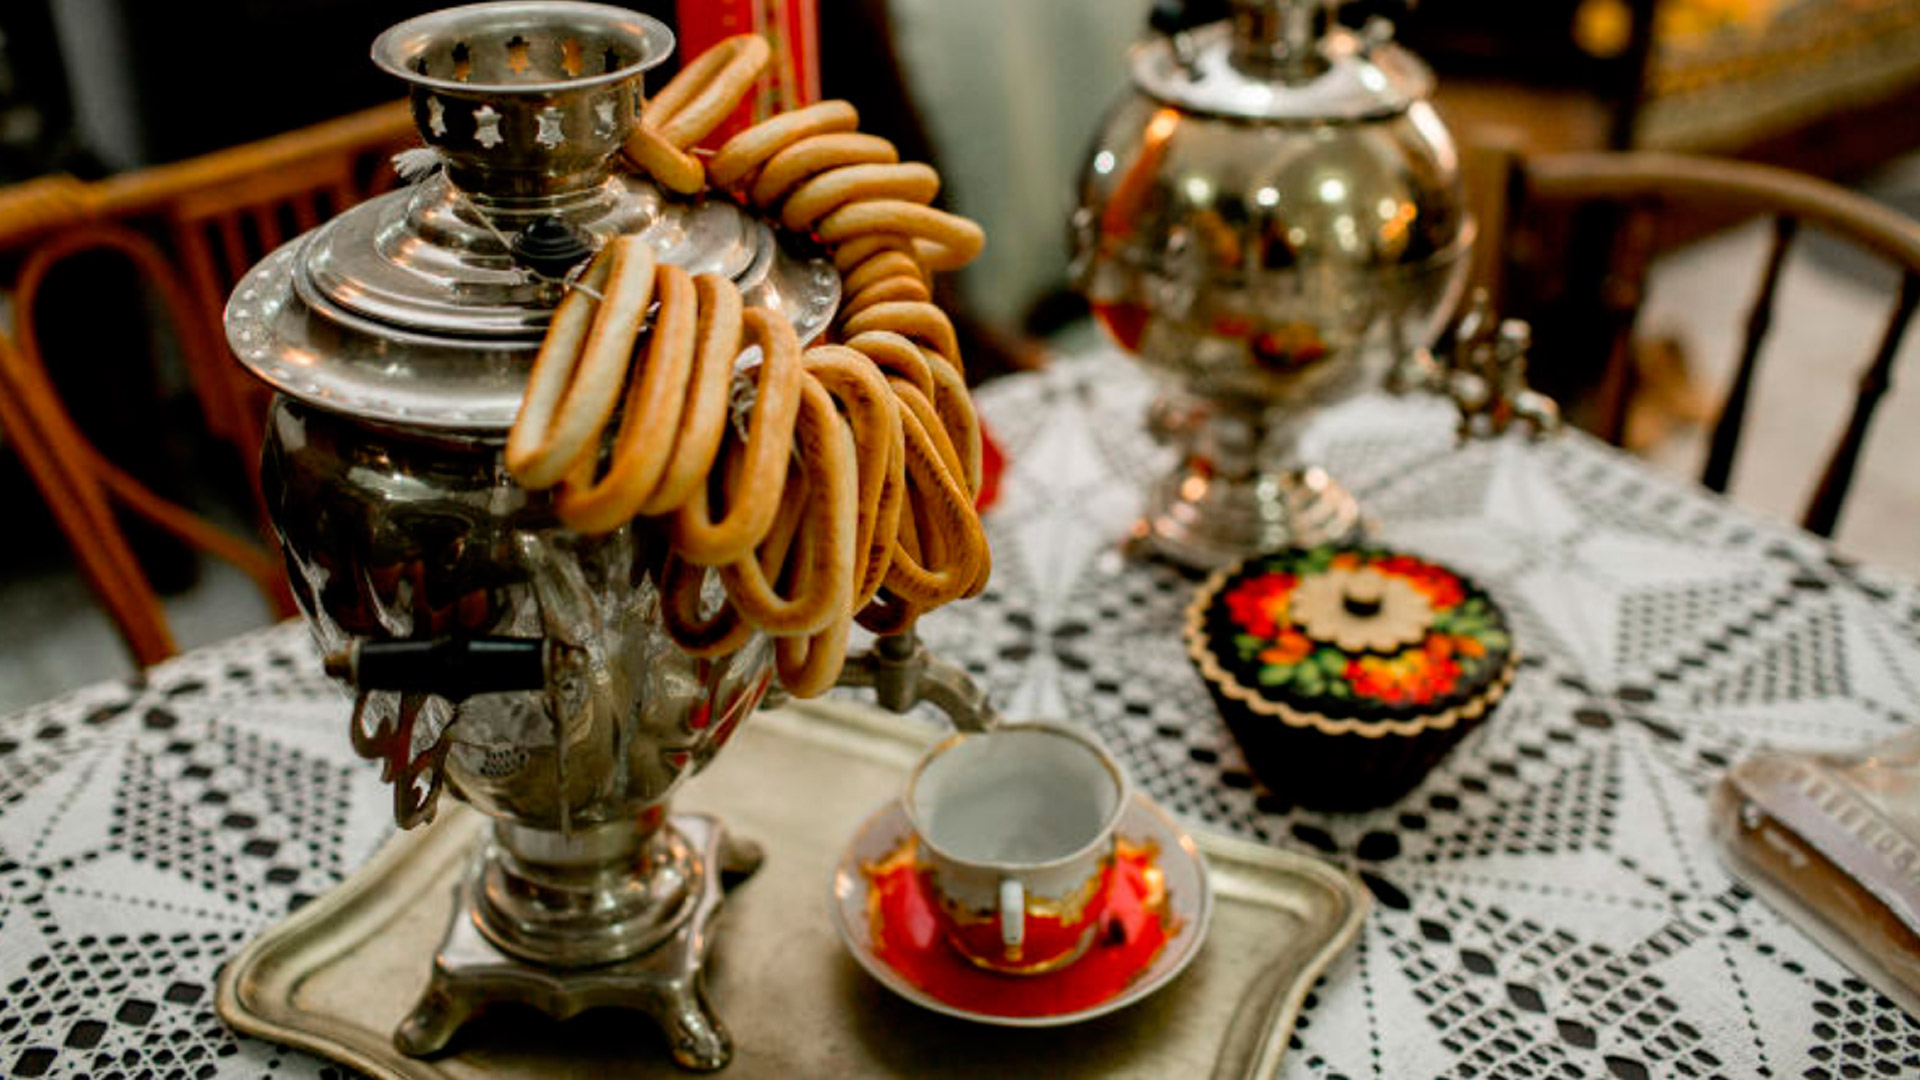 Жителей Верхневолжья приглашают на чаепитие